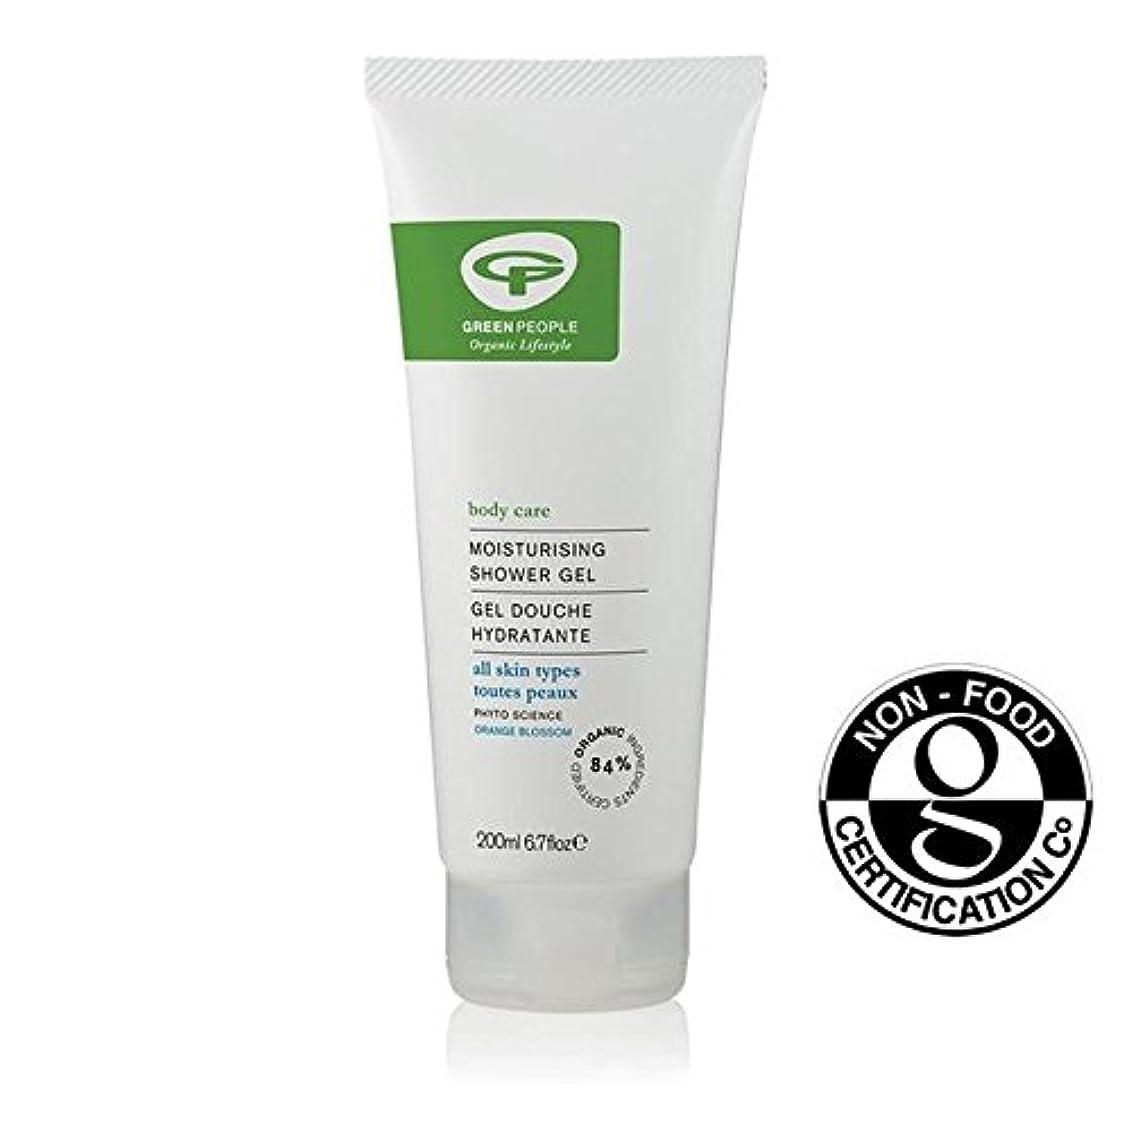 意志土砂降りガス緑の人々の有機保湿シャワージェル200 x4 - Green People Organic Moisturising Shower Gel 200ml (Pack of 4) [並行輸入品]